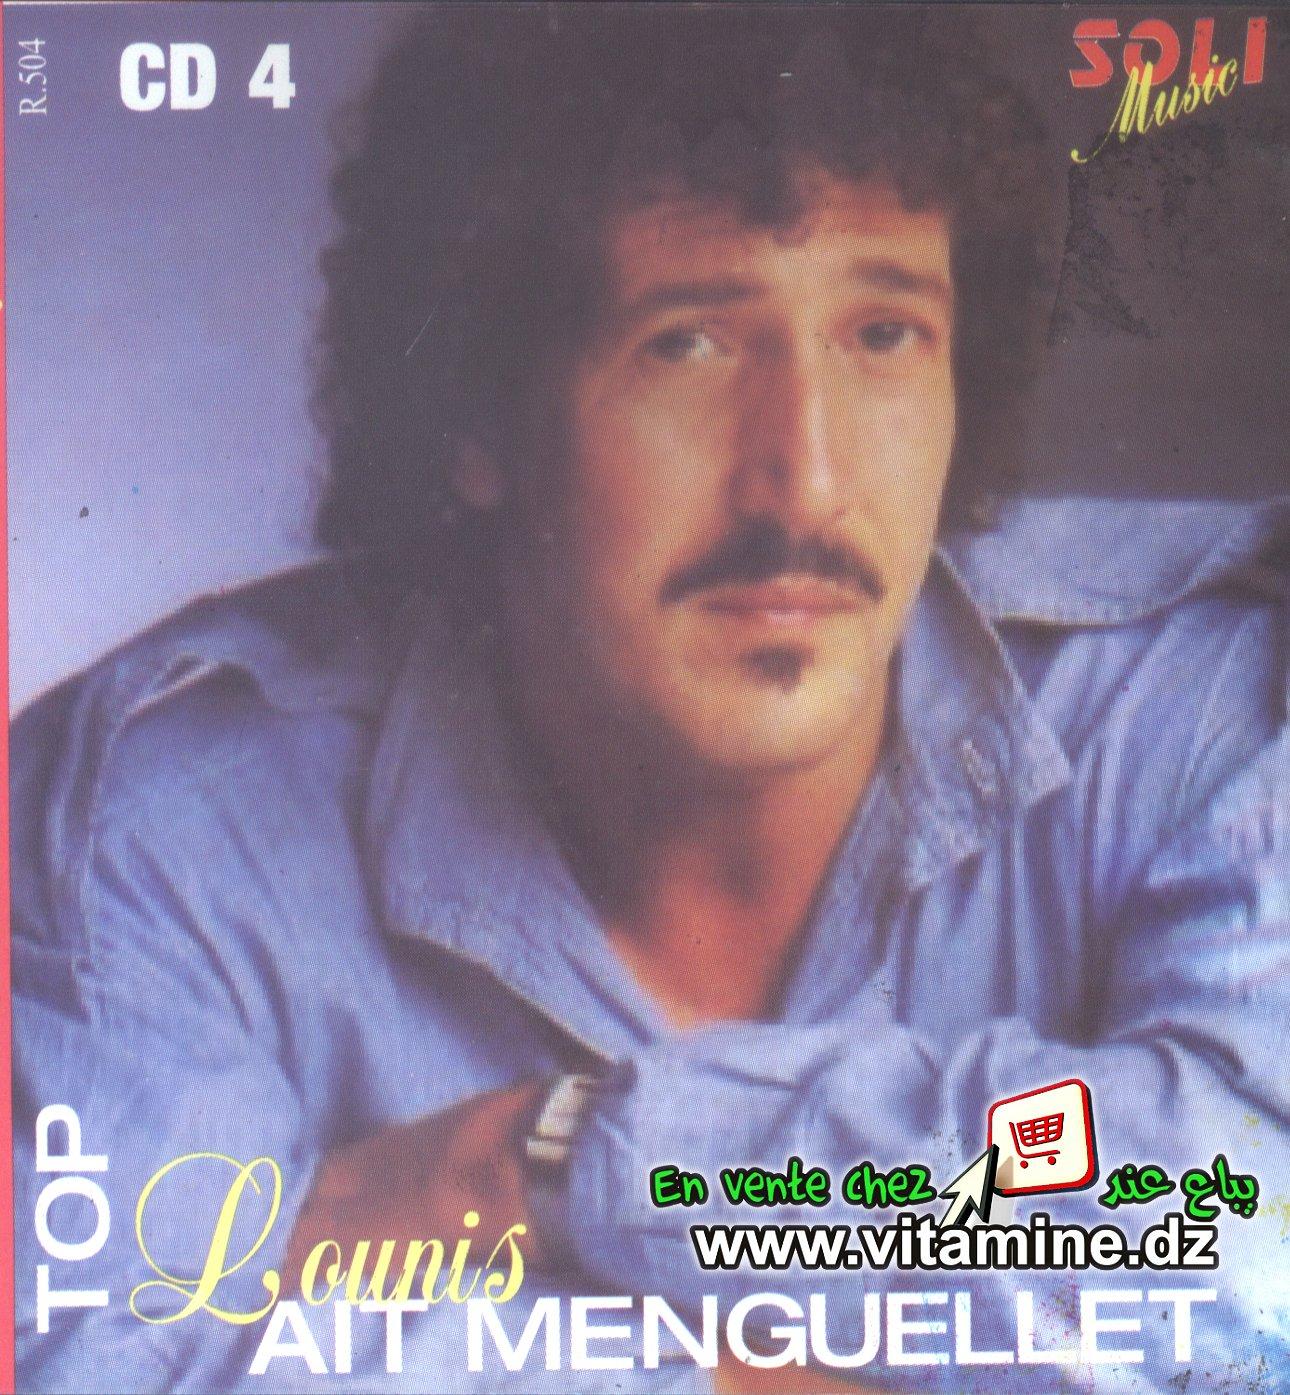 Ait Menguellet top CD 4